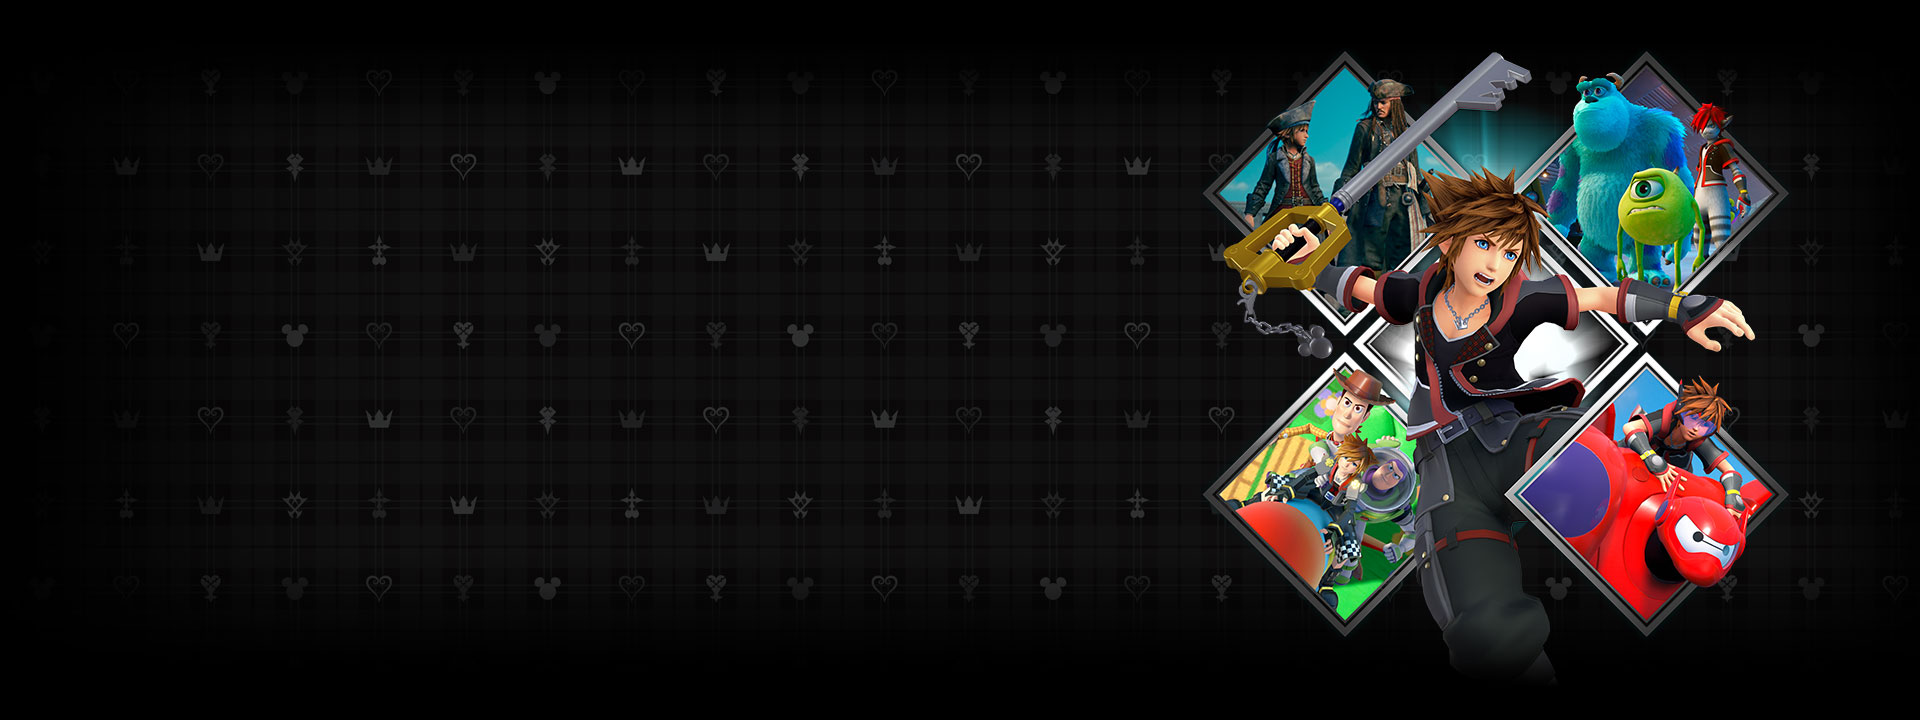 Sora sostiene una llave espada en medio de una X rodeada de imágenes del juego de diferentes mundos de Disney y Pixar